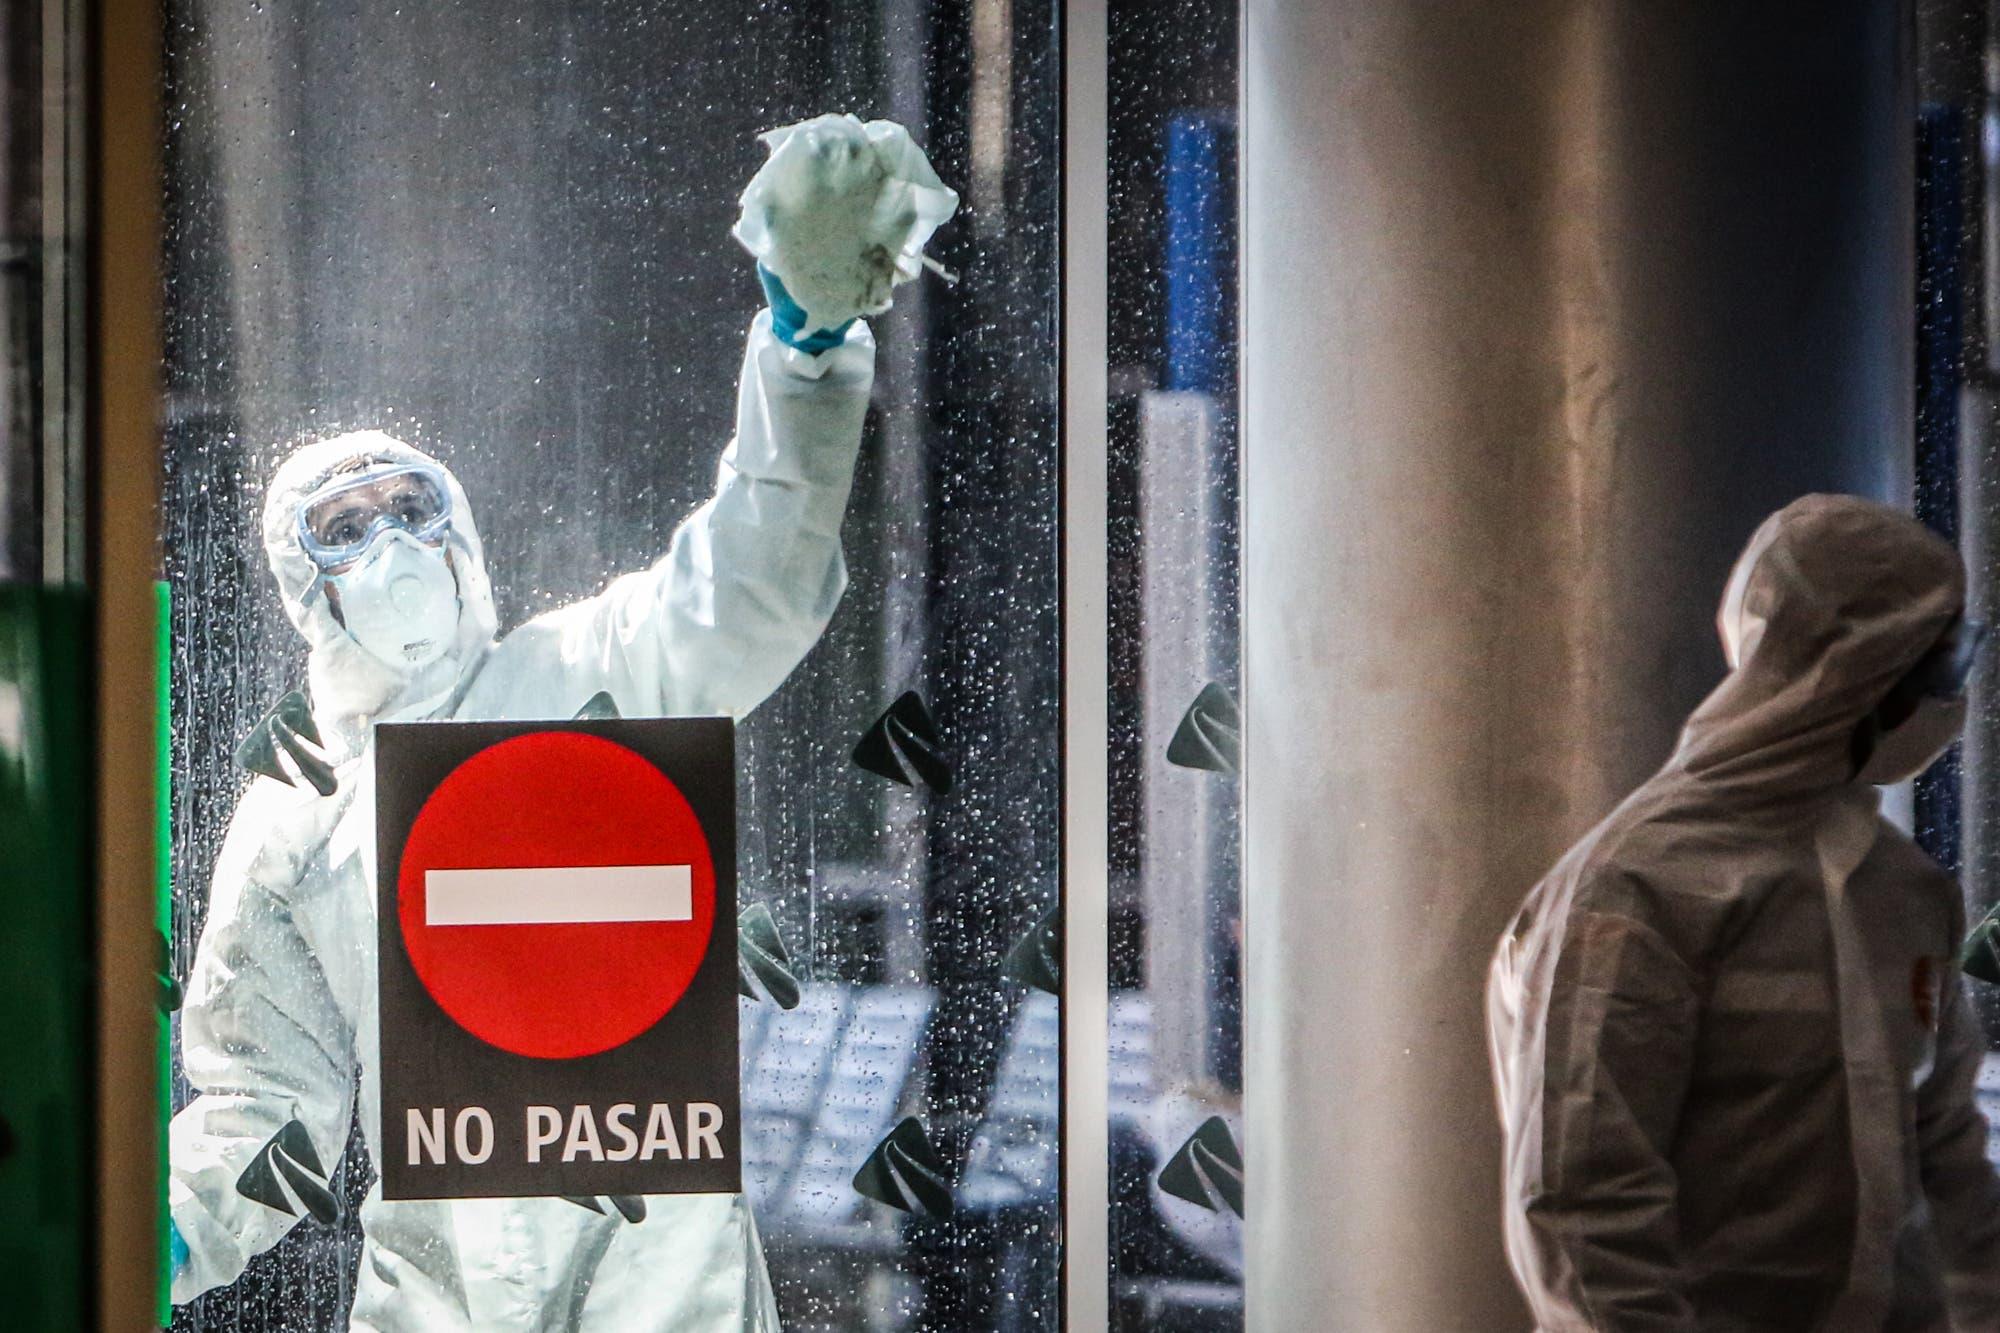 Coronavirus: España registra 655 nuevas muertes y ya son más de 4000 en total